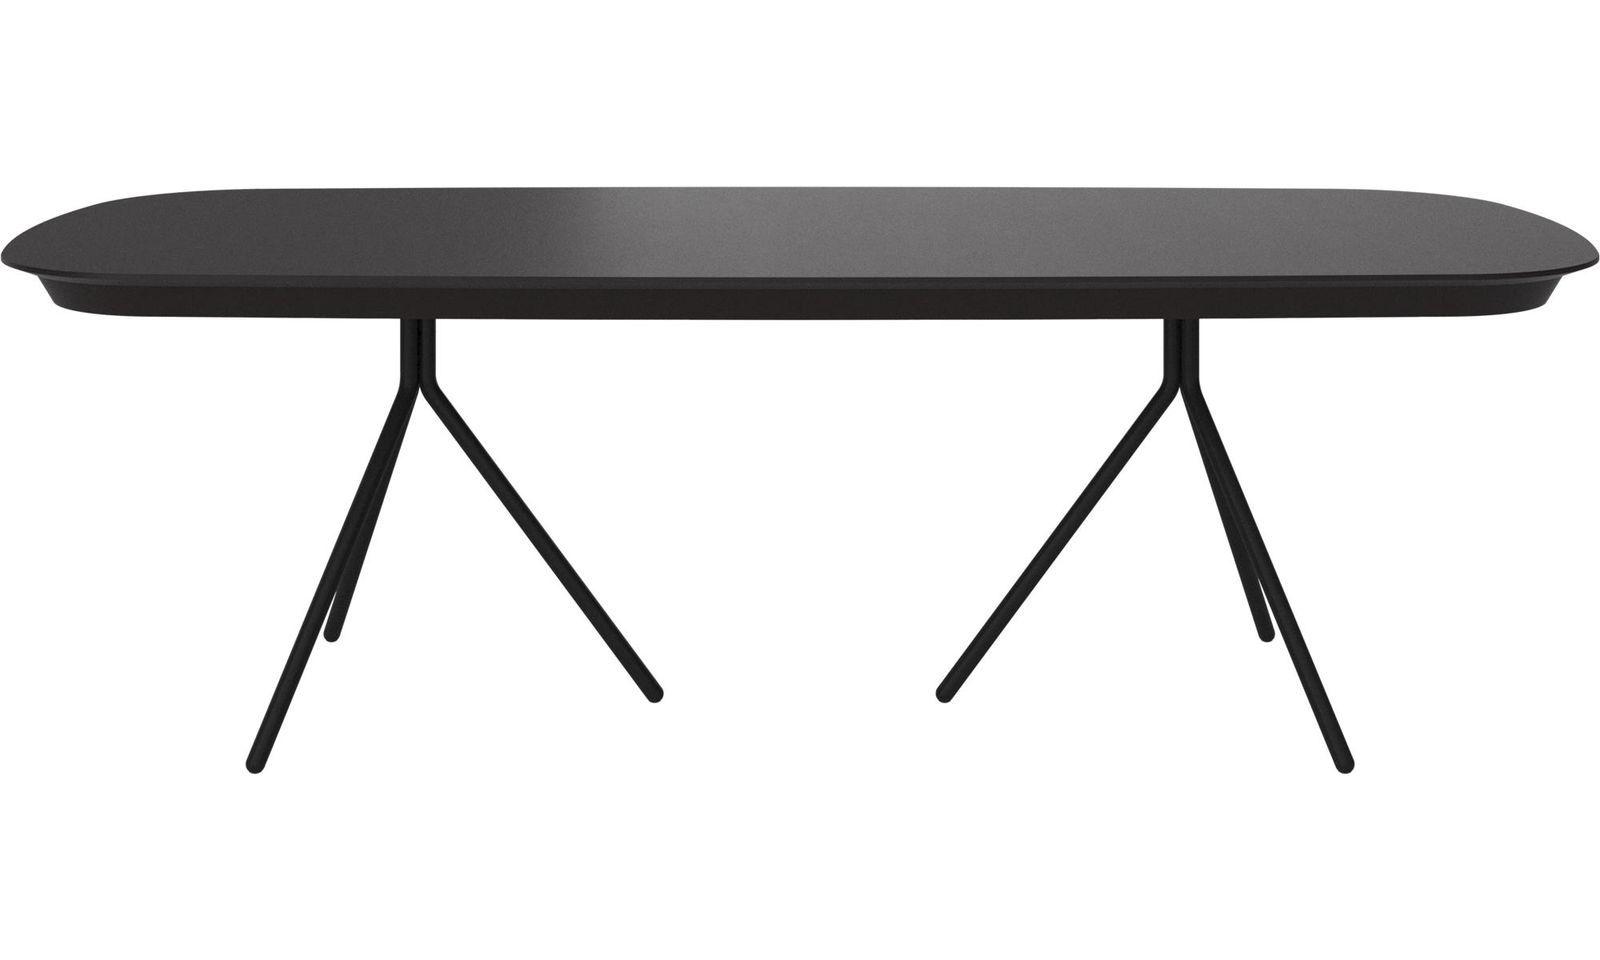 Table Ottawa Avec Allonge Table Salle A Manger Salle A Manger Elegante Salle A Manger Design